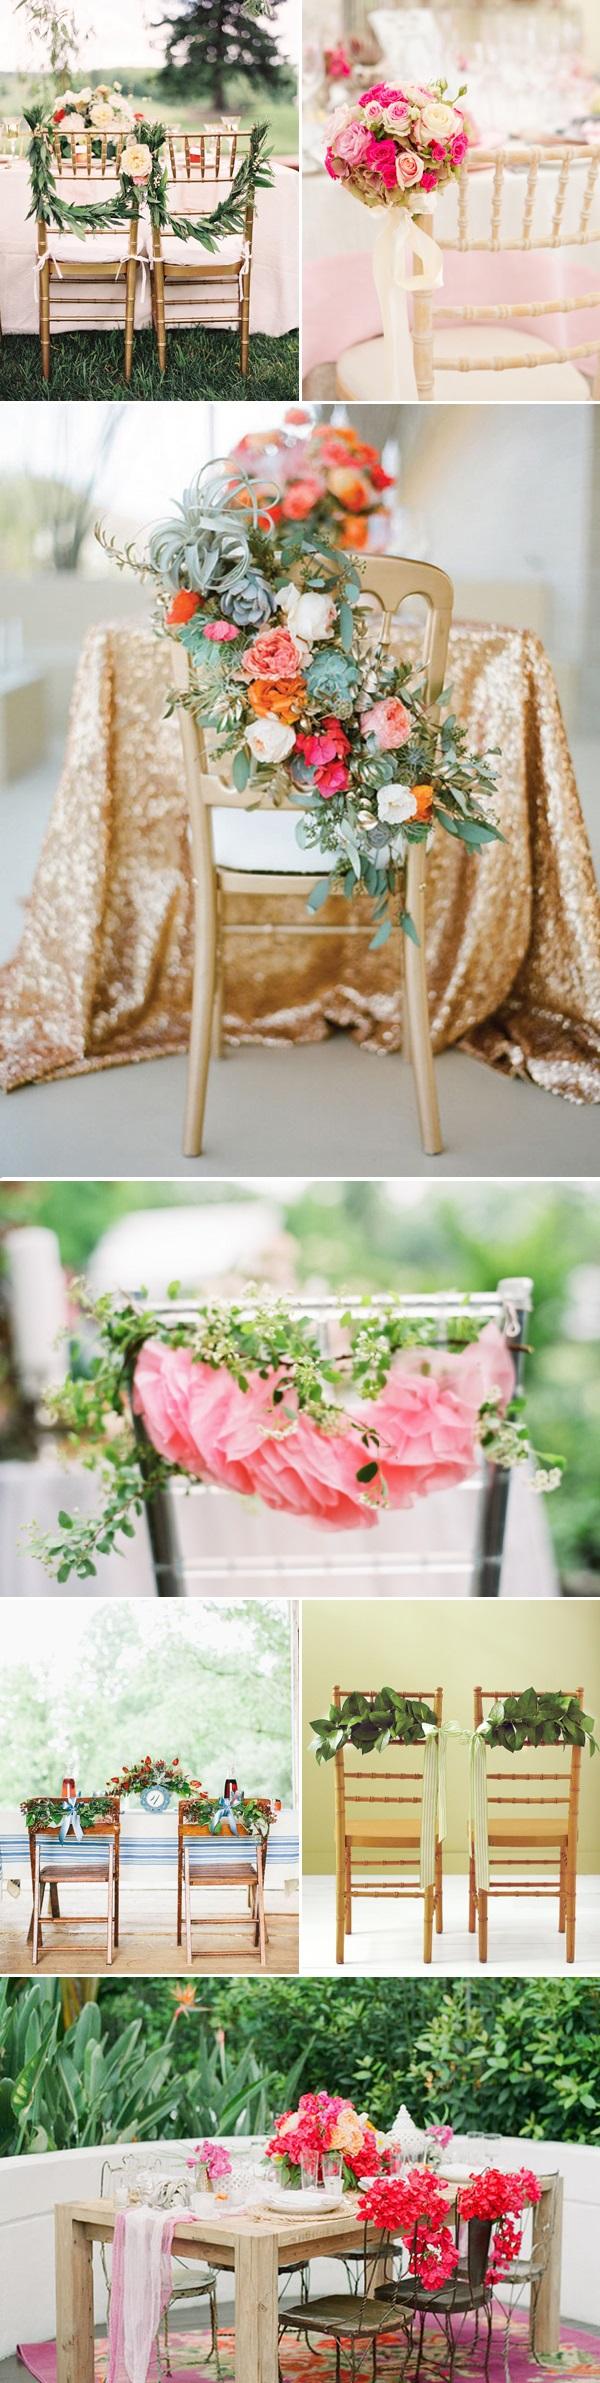 Decoratie tips om de stoelen te versieren for Bloemen decoratie